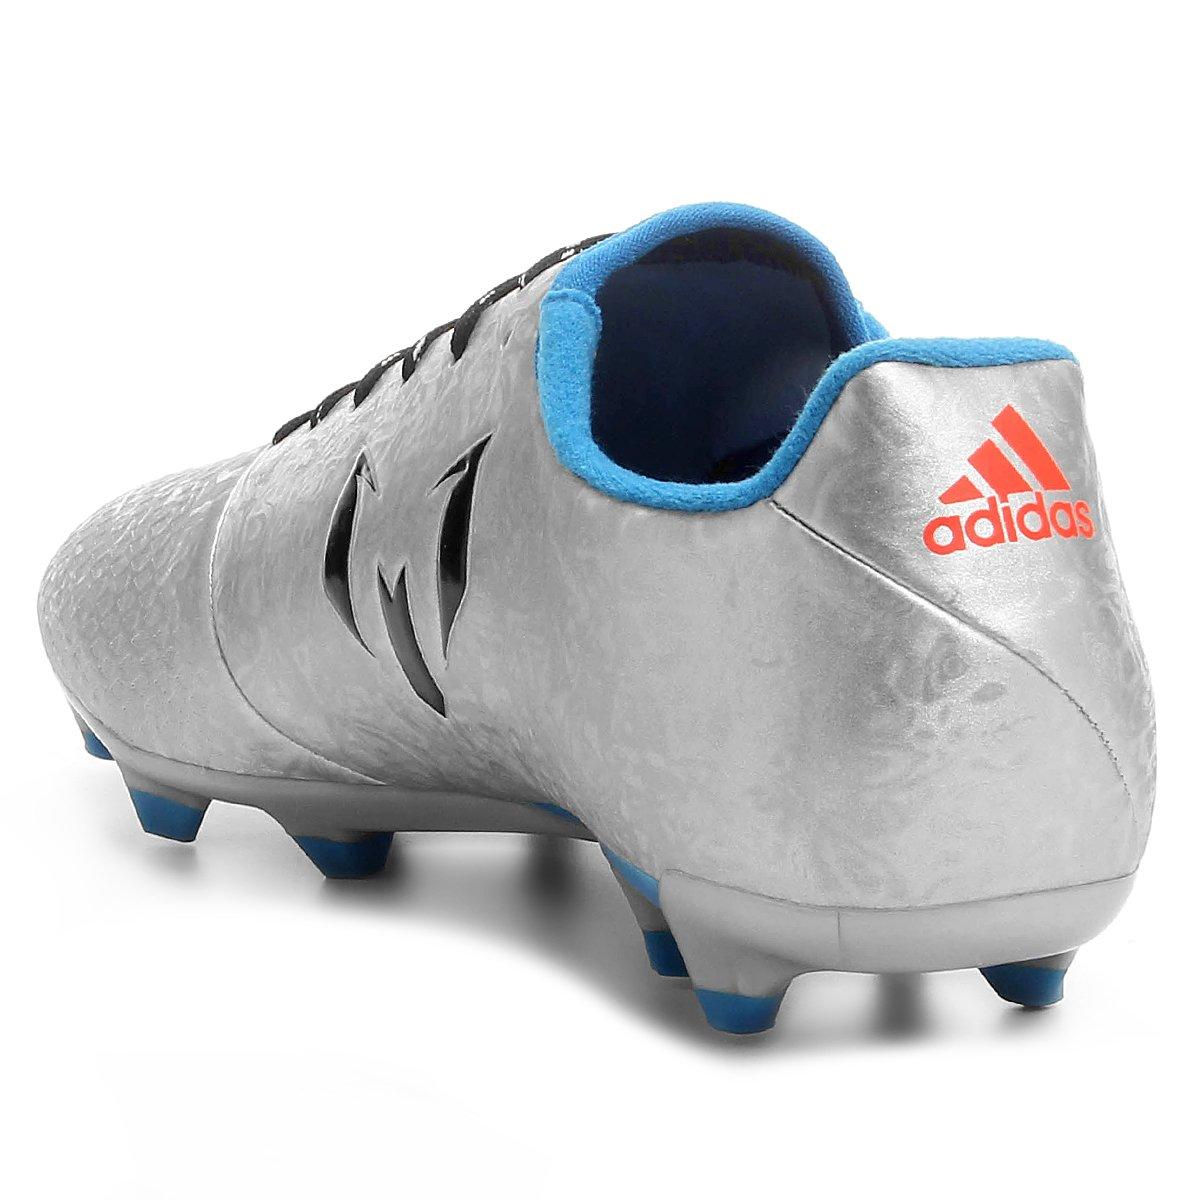 dde886dd05 Chuteira Adidas Messi 16.3 FG Campo - Compre Agora